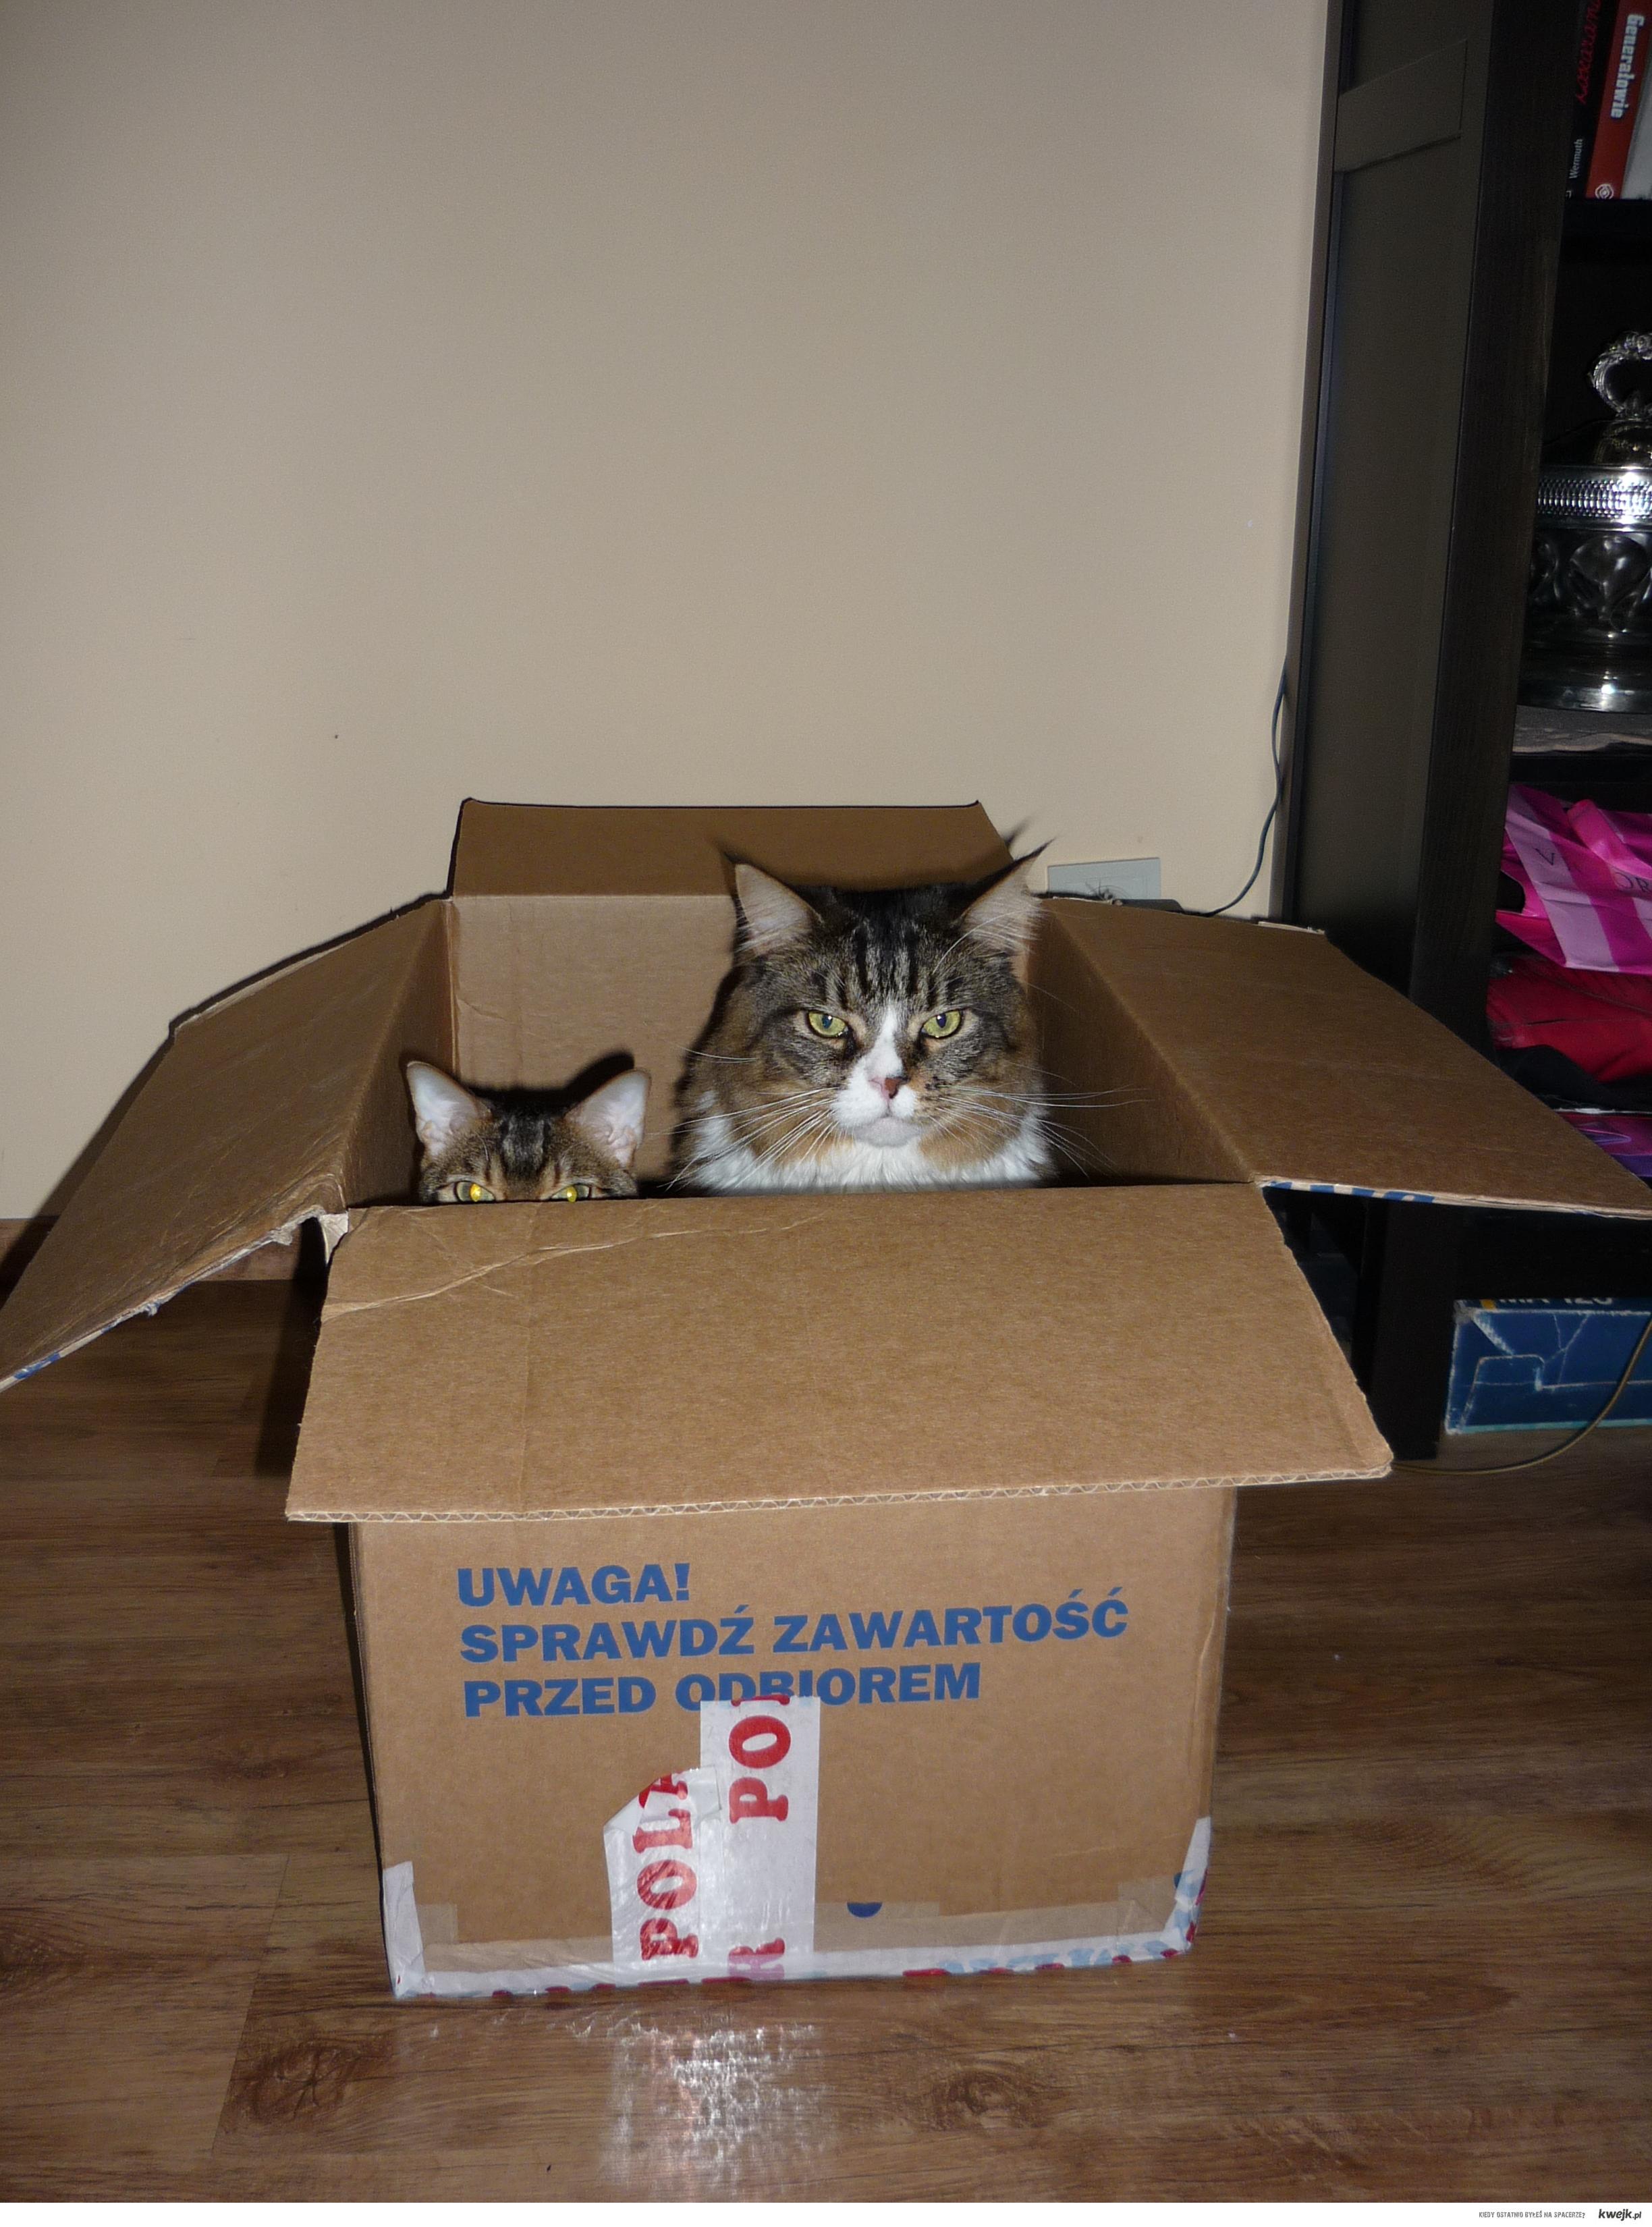 Sprawdź zawartość przed odbiorem, bo możesz mieć koty w pudle!!